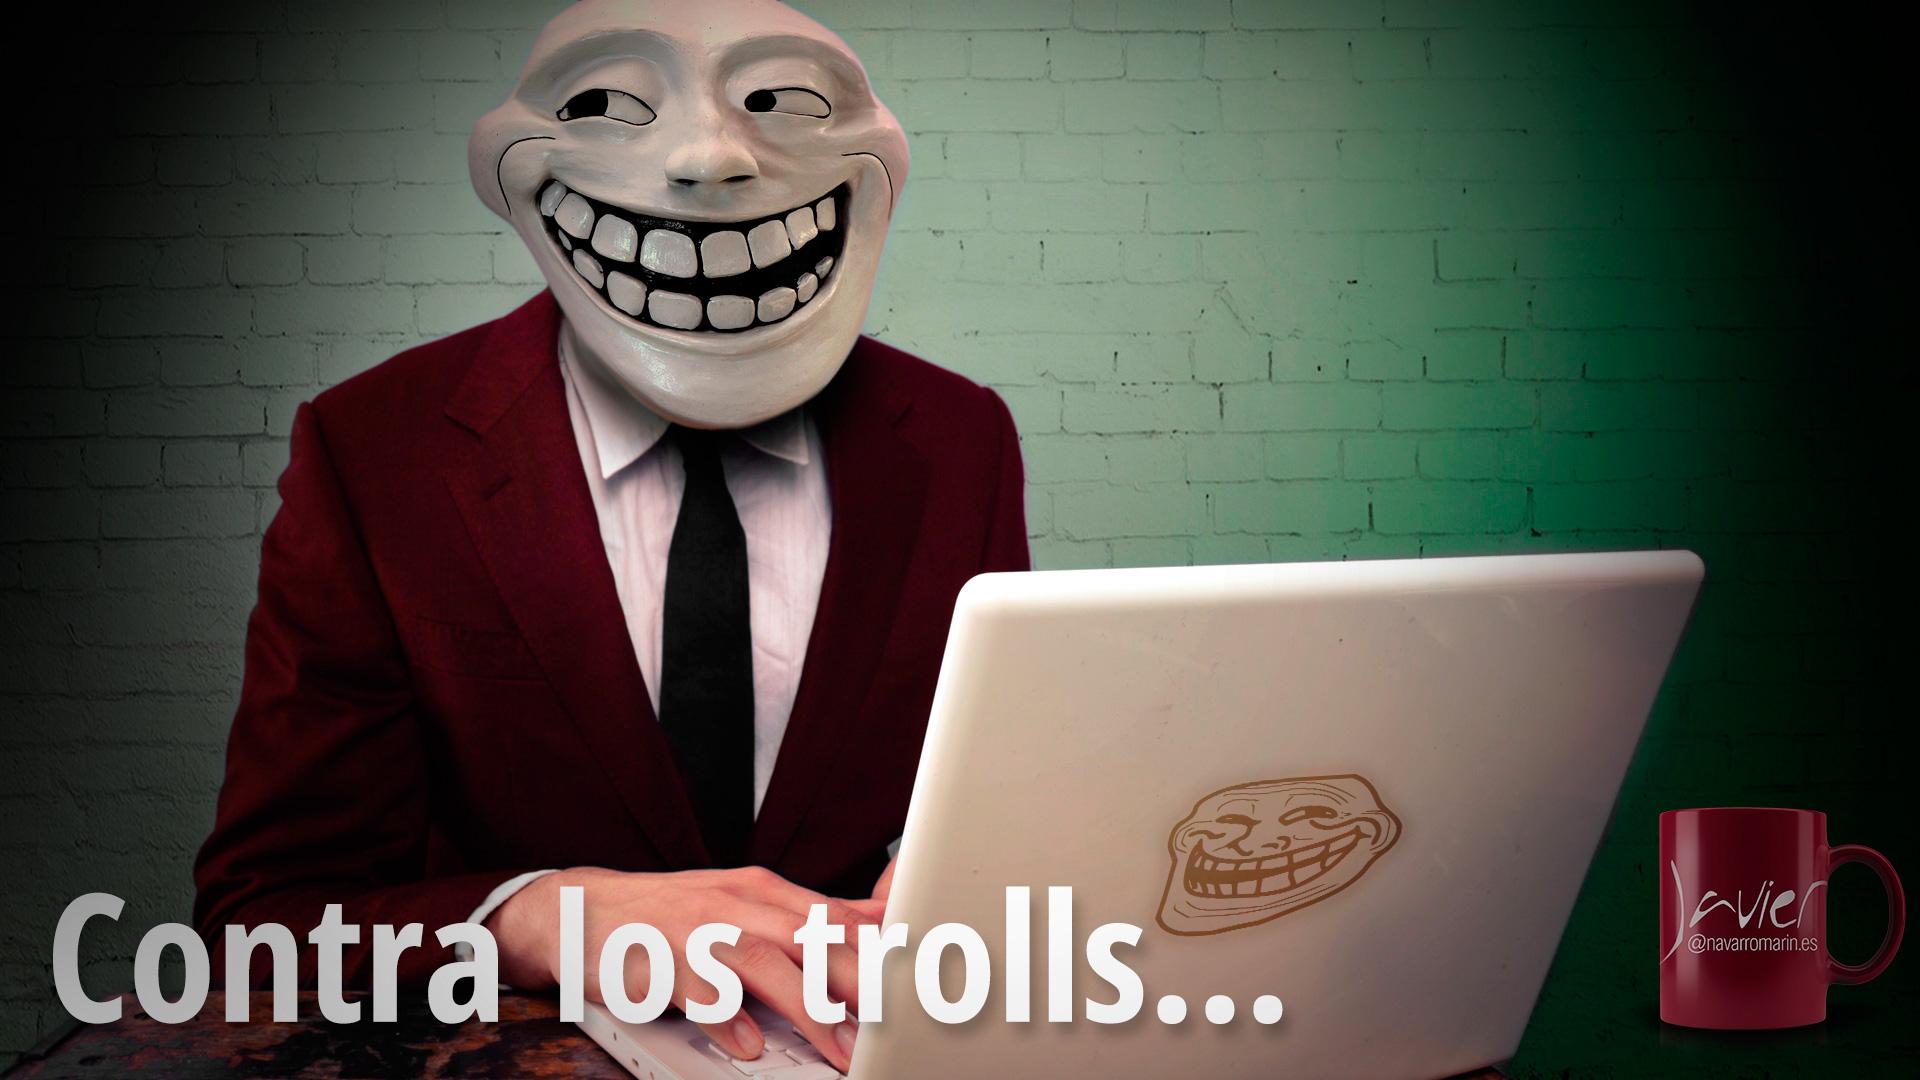 contra los trolls